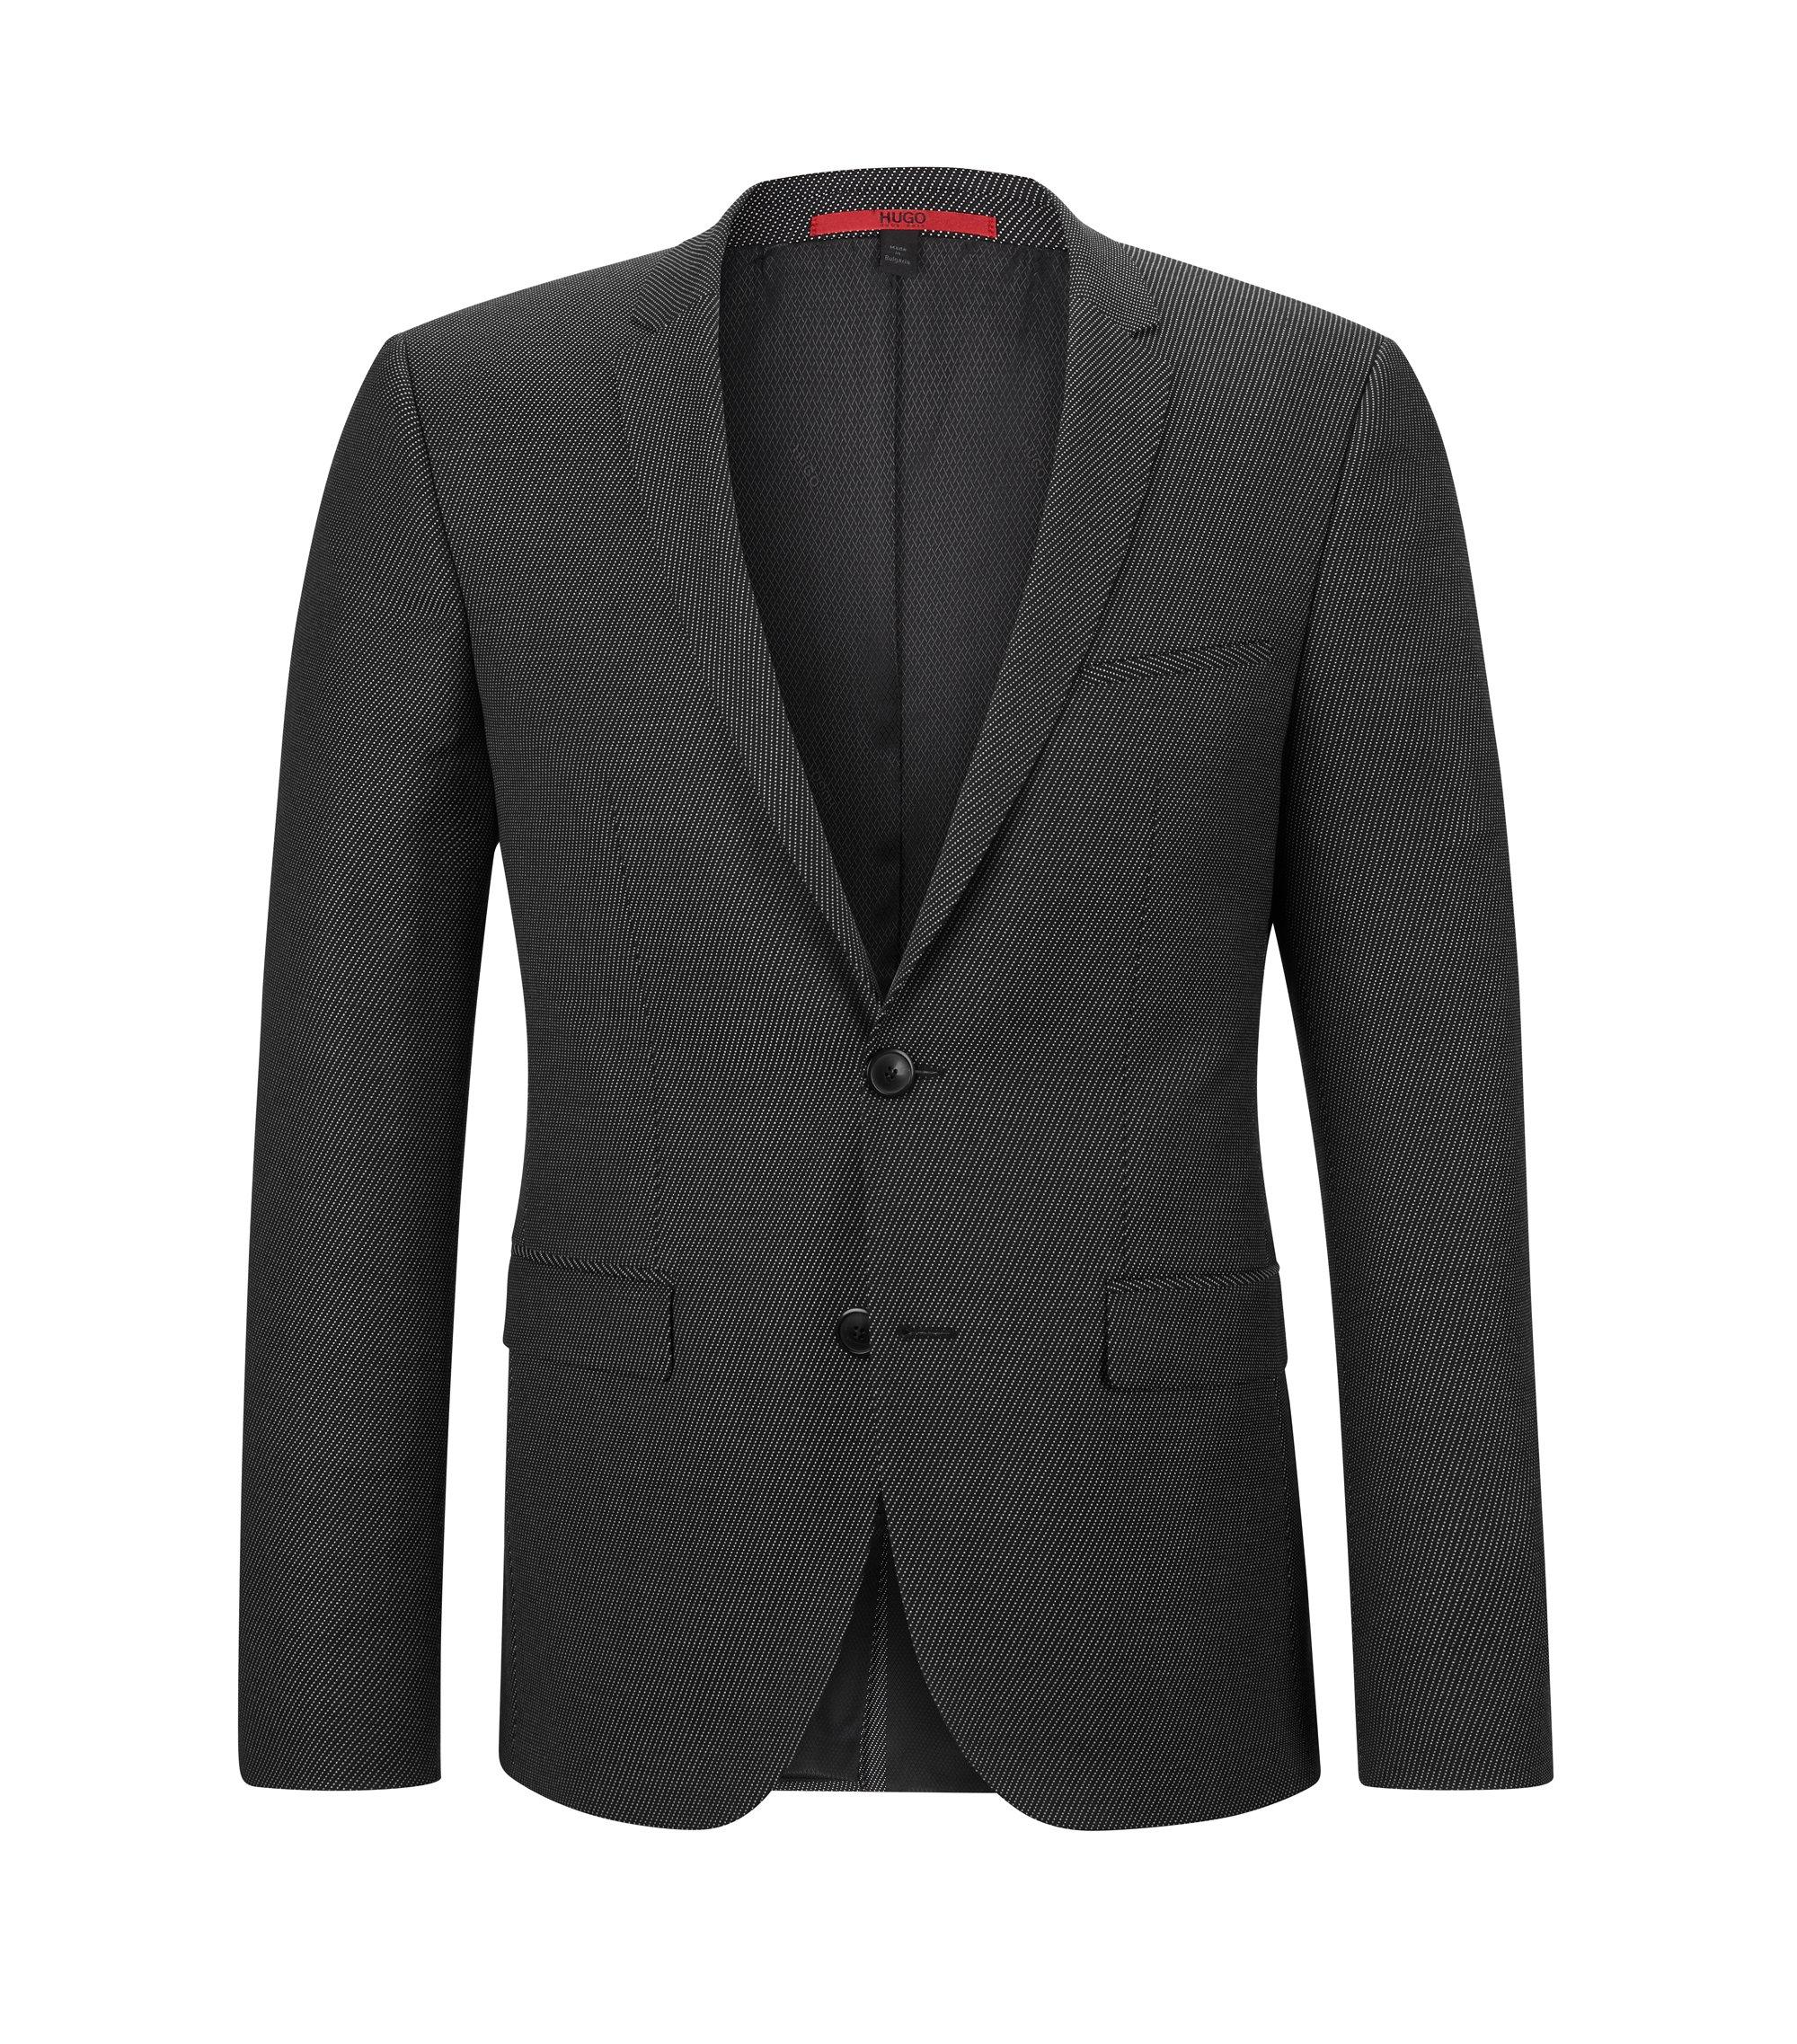 Virgin Wool Blend Sport Coat, Extra Slim Fit | Adris, Black